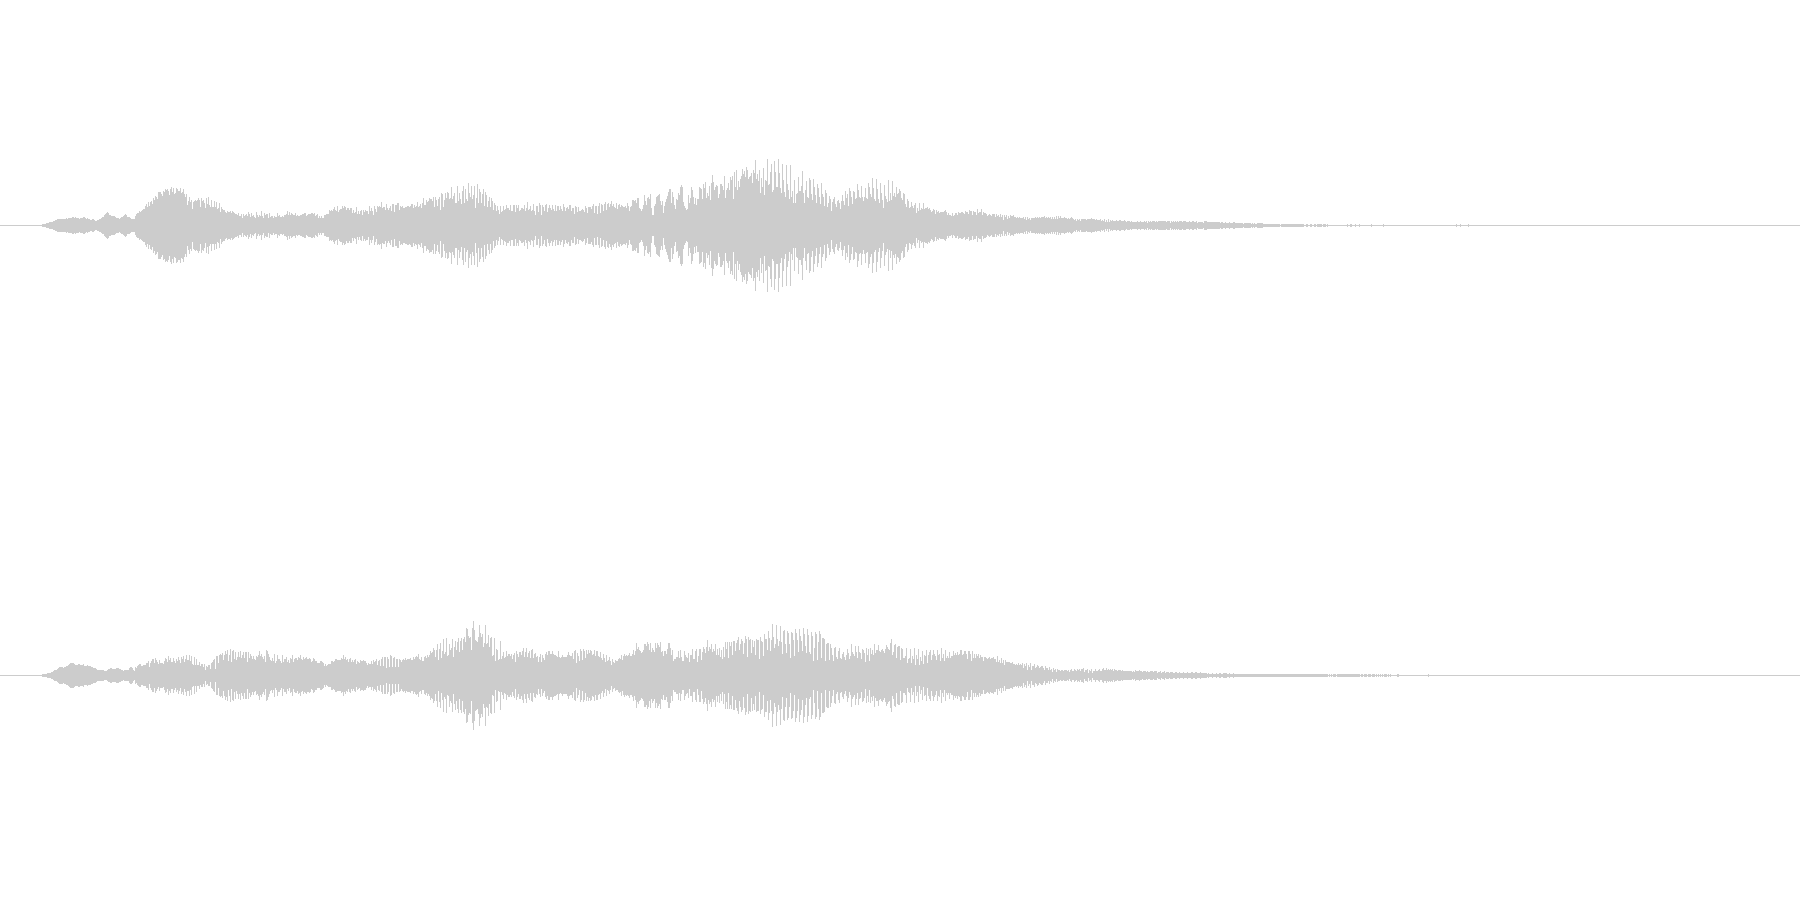 シンセサイザーによるサウンドロゴの未再生の波形